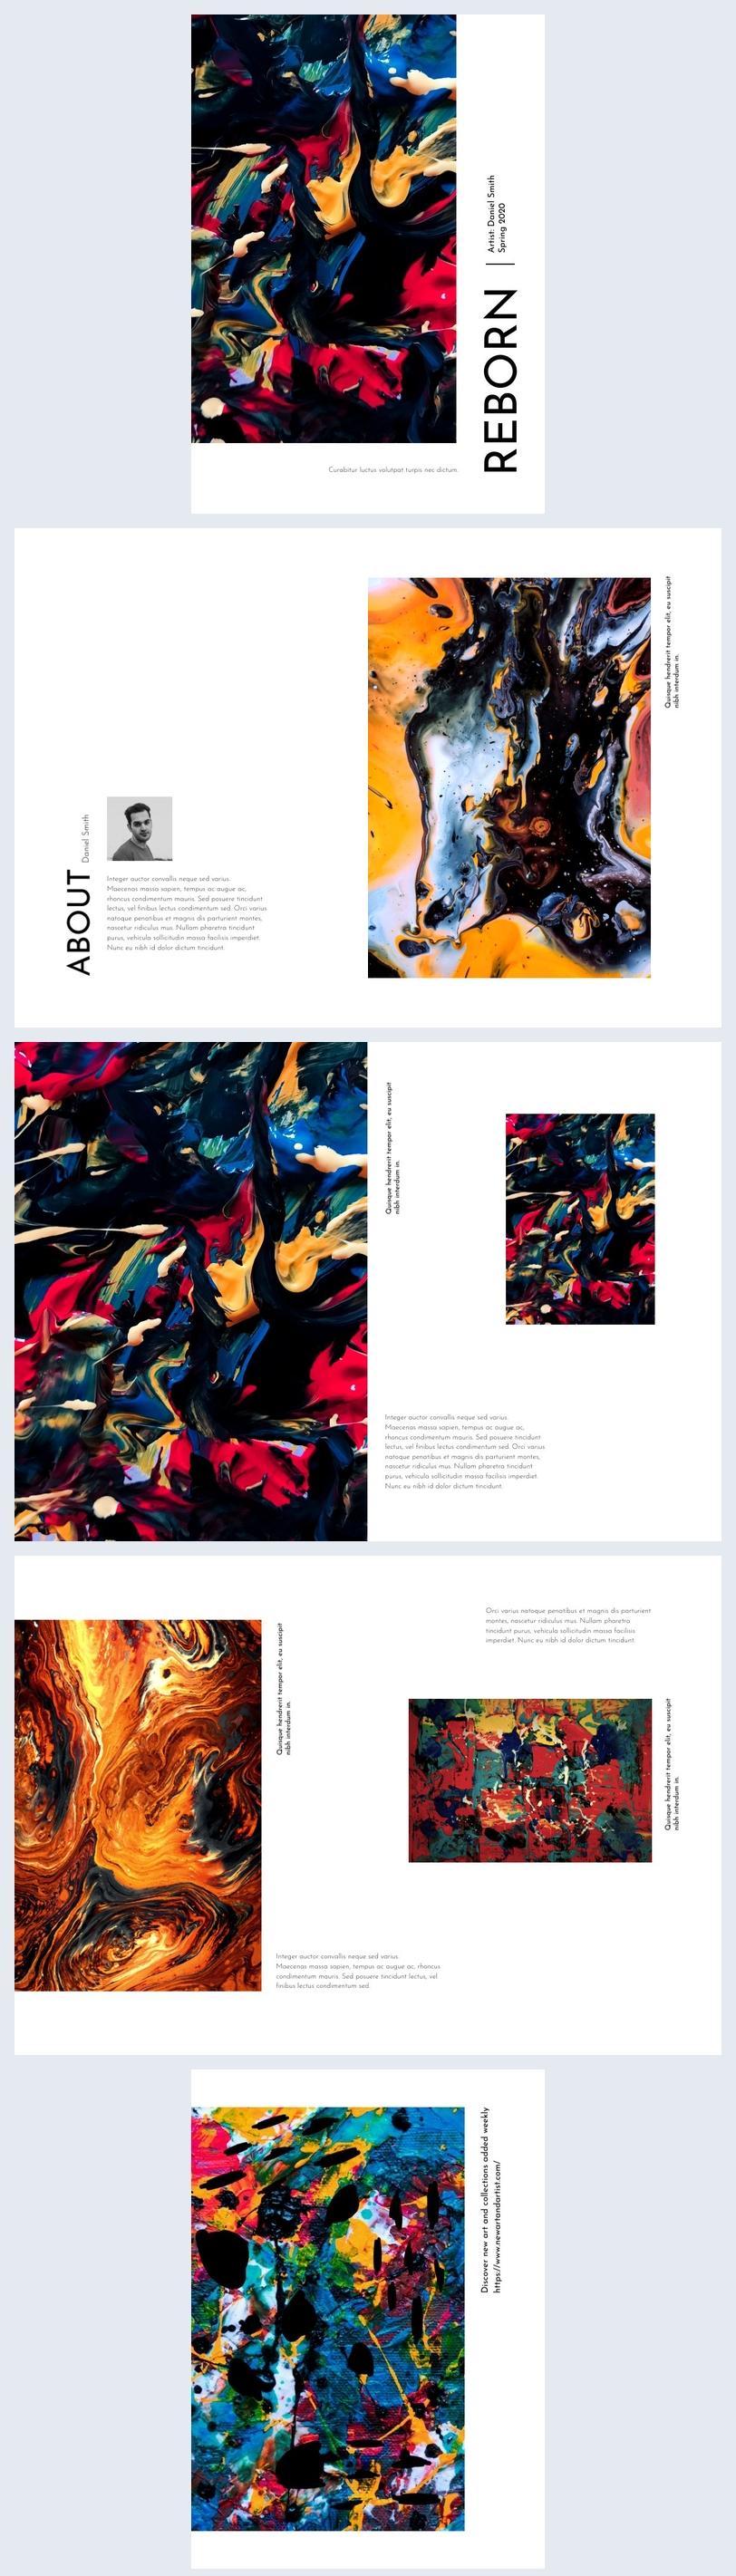 Idea grafica per catalogo d'arte